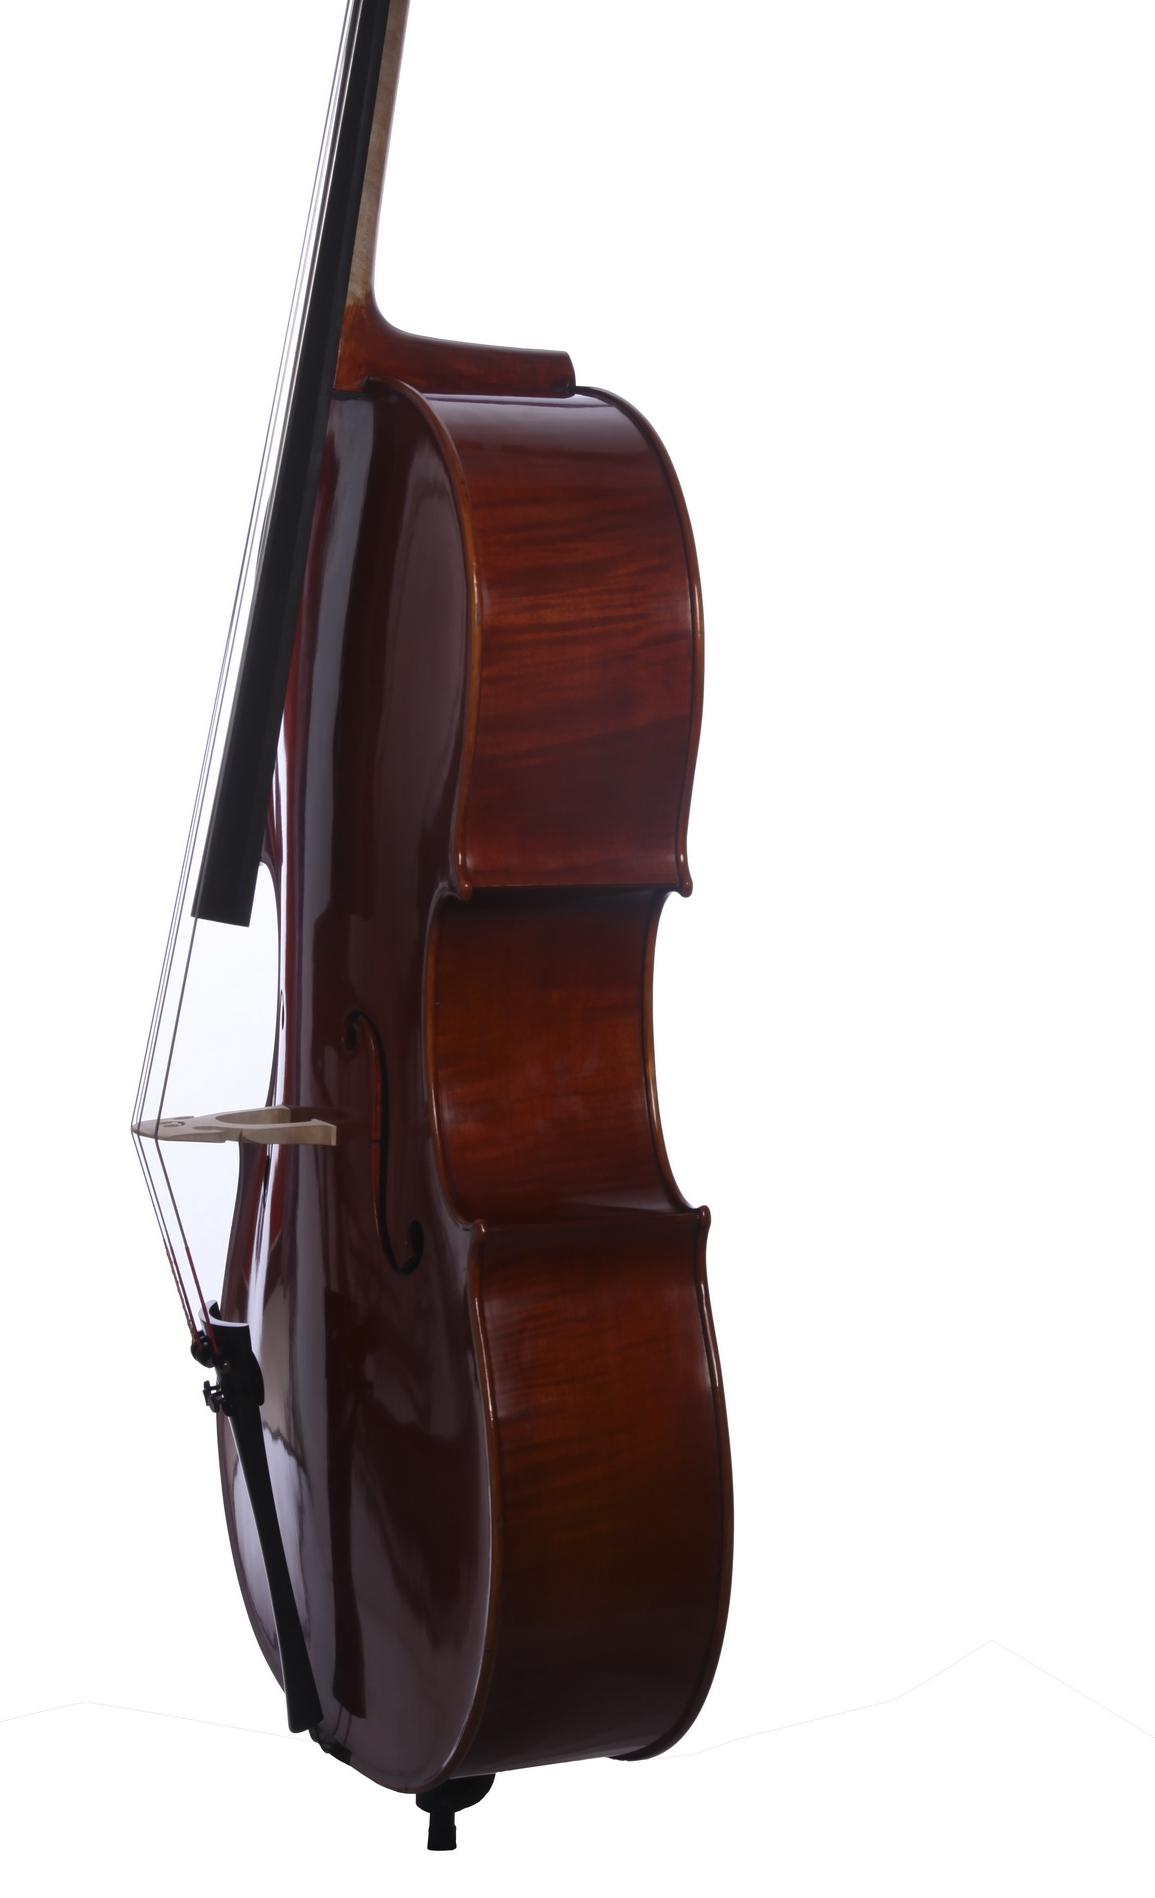 新品油性大提琴侧sideresize.jpg